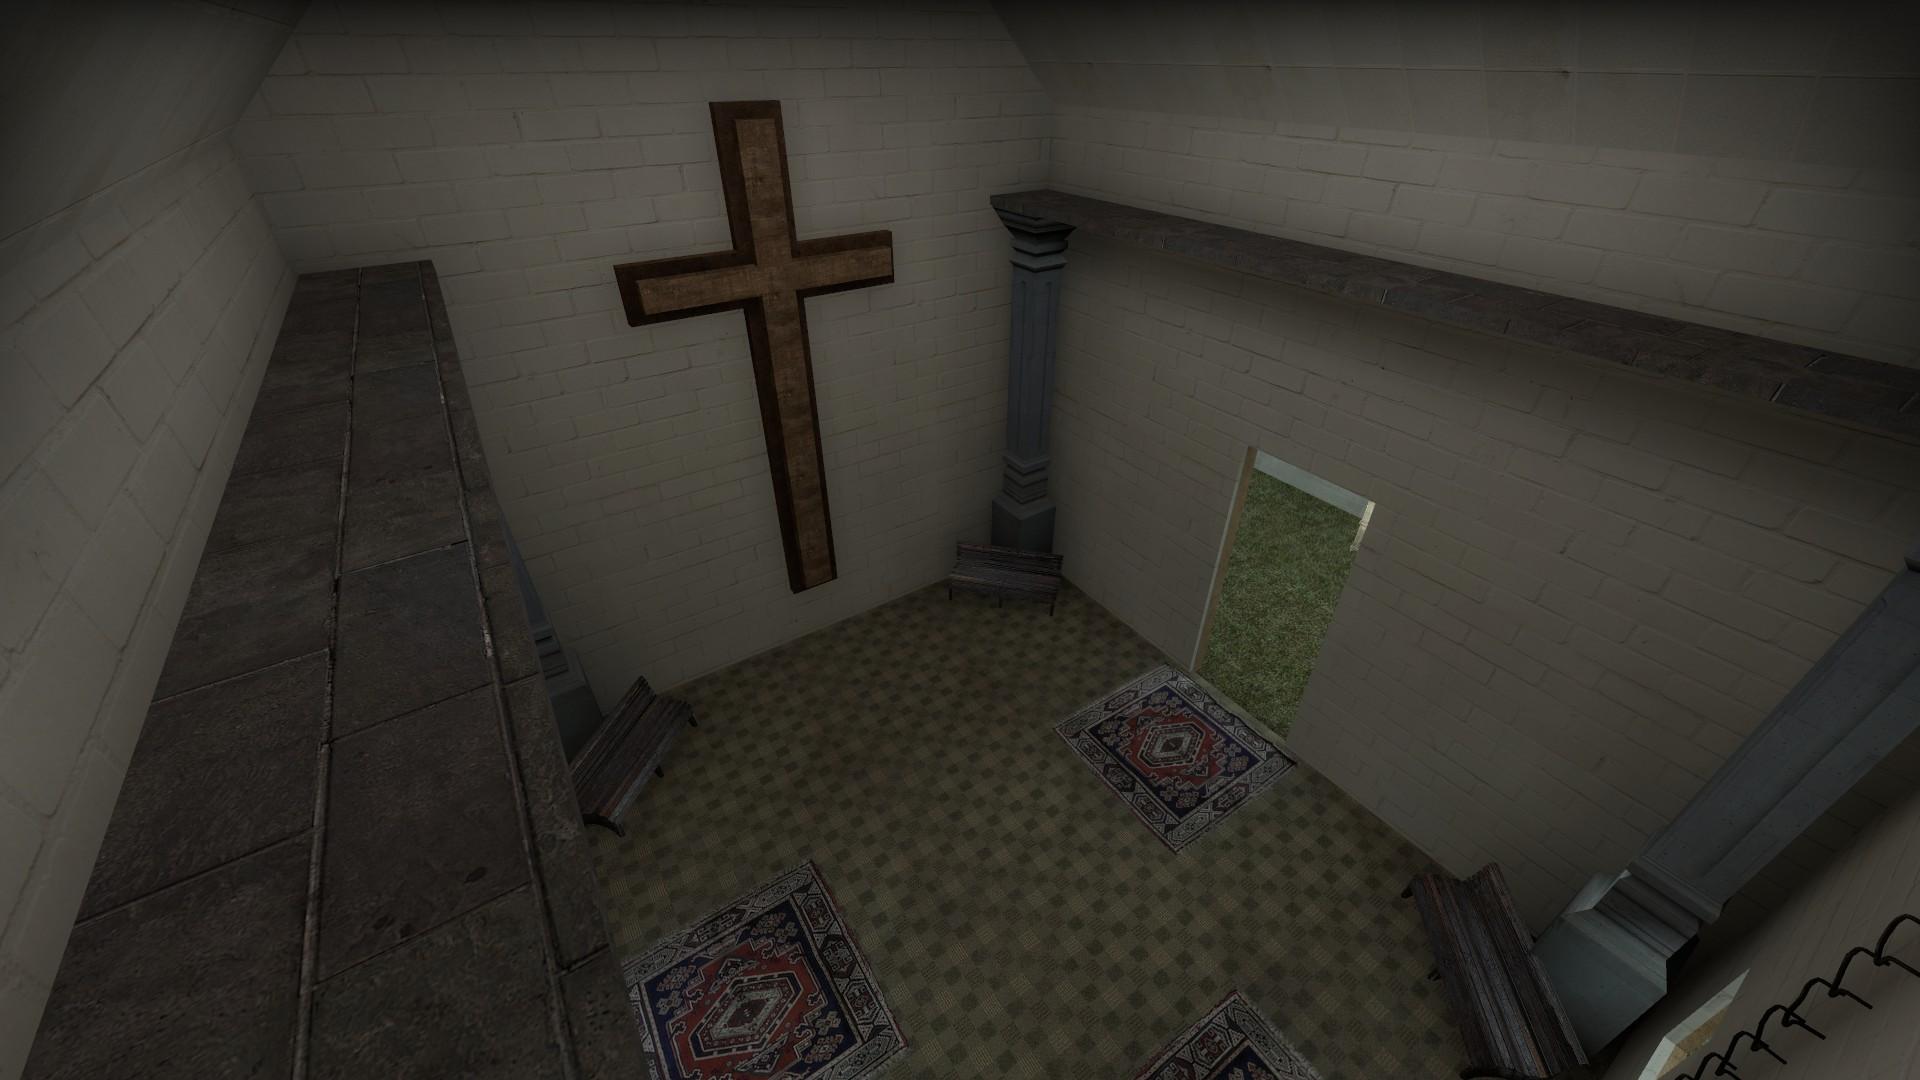 http://endgegner.fightercom.de/CounterStrikeGlobalOffensive/screen-ar_churches2.jpg